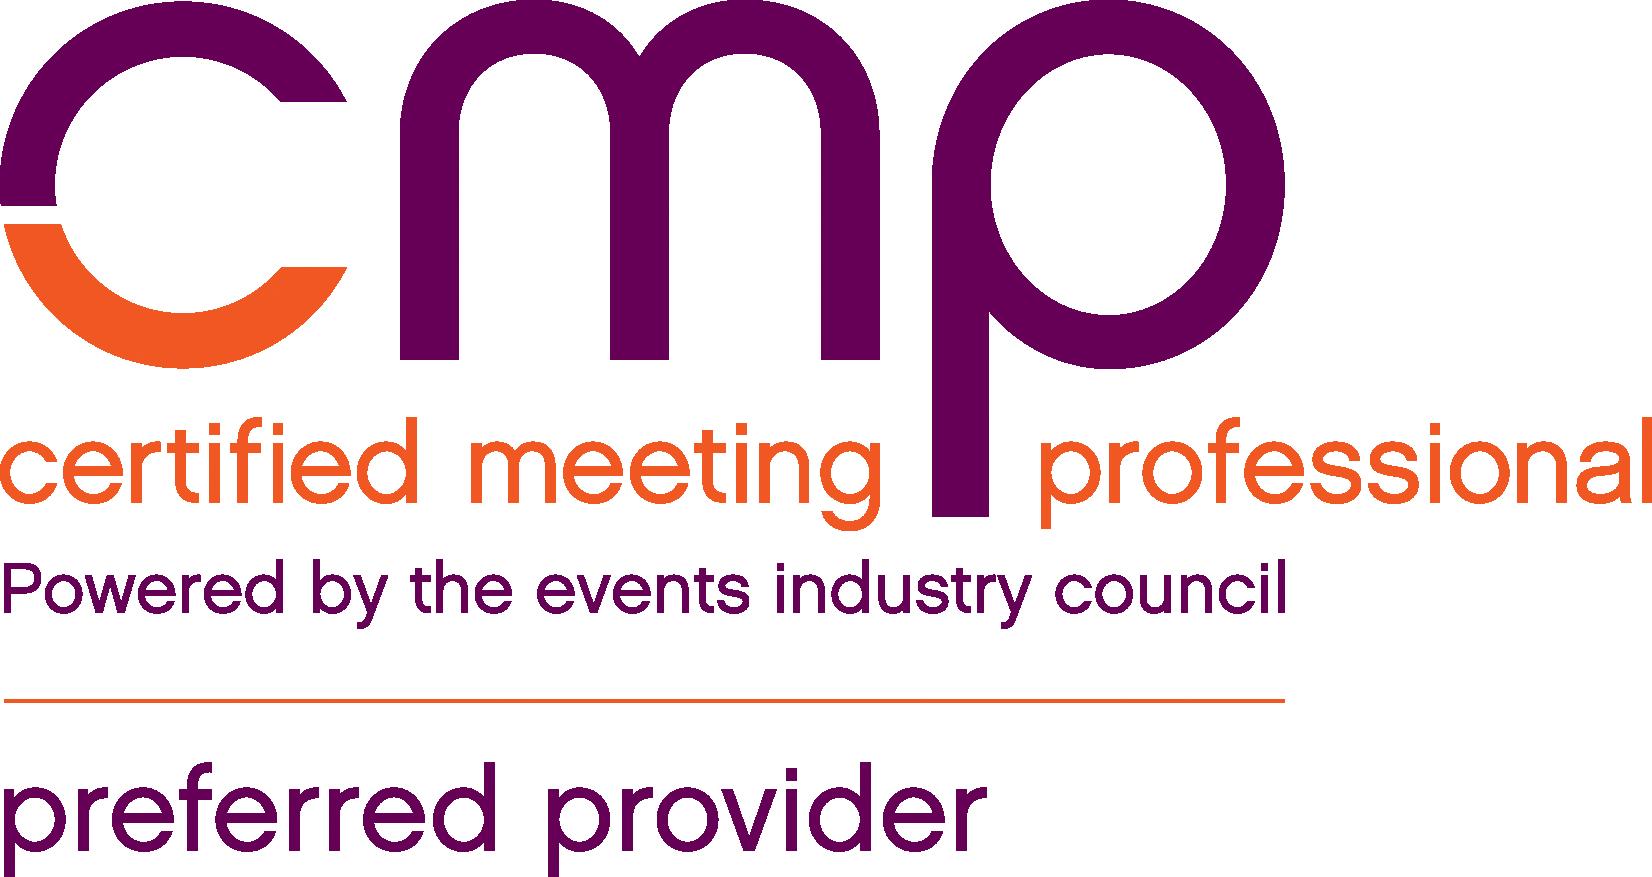 CMP Preferred Provider